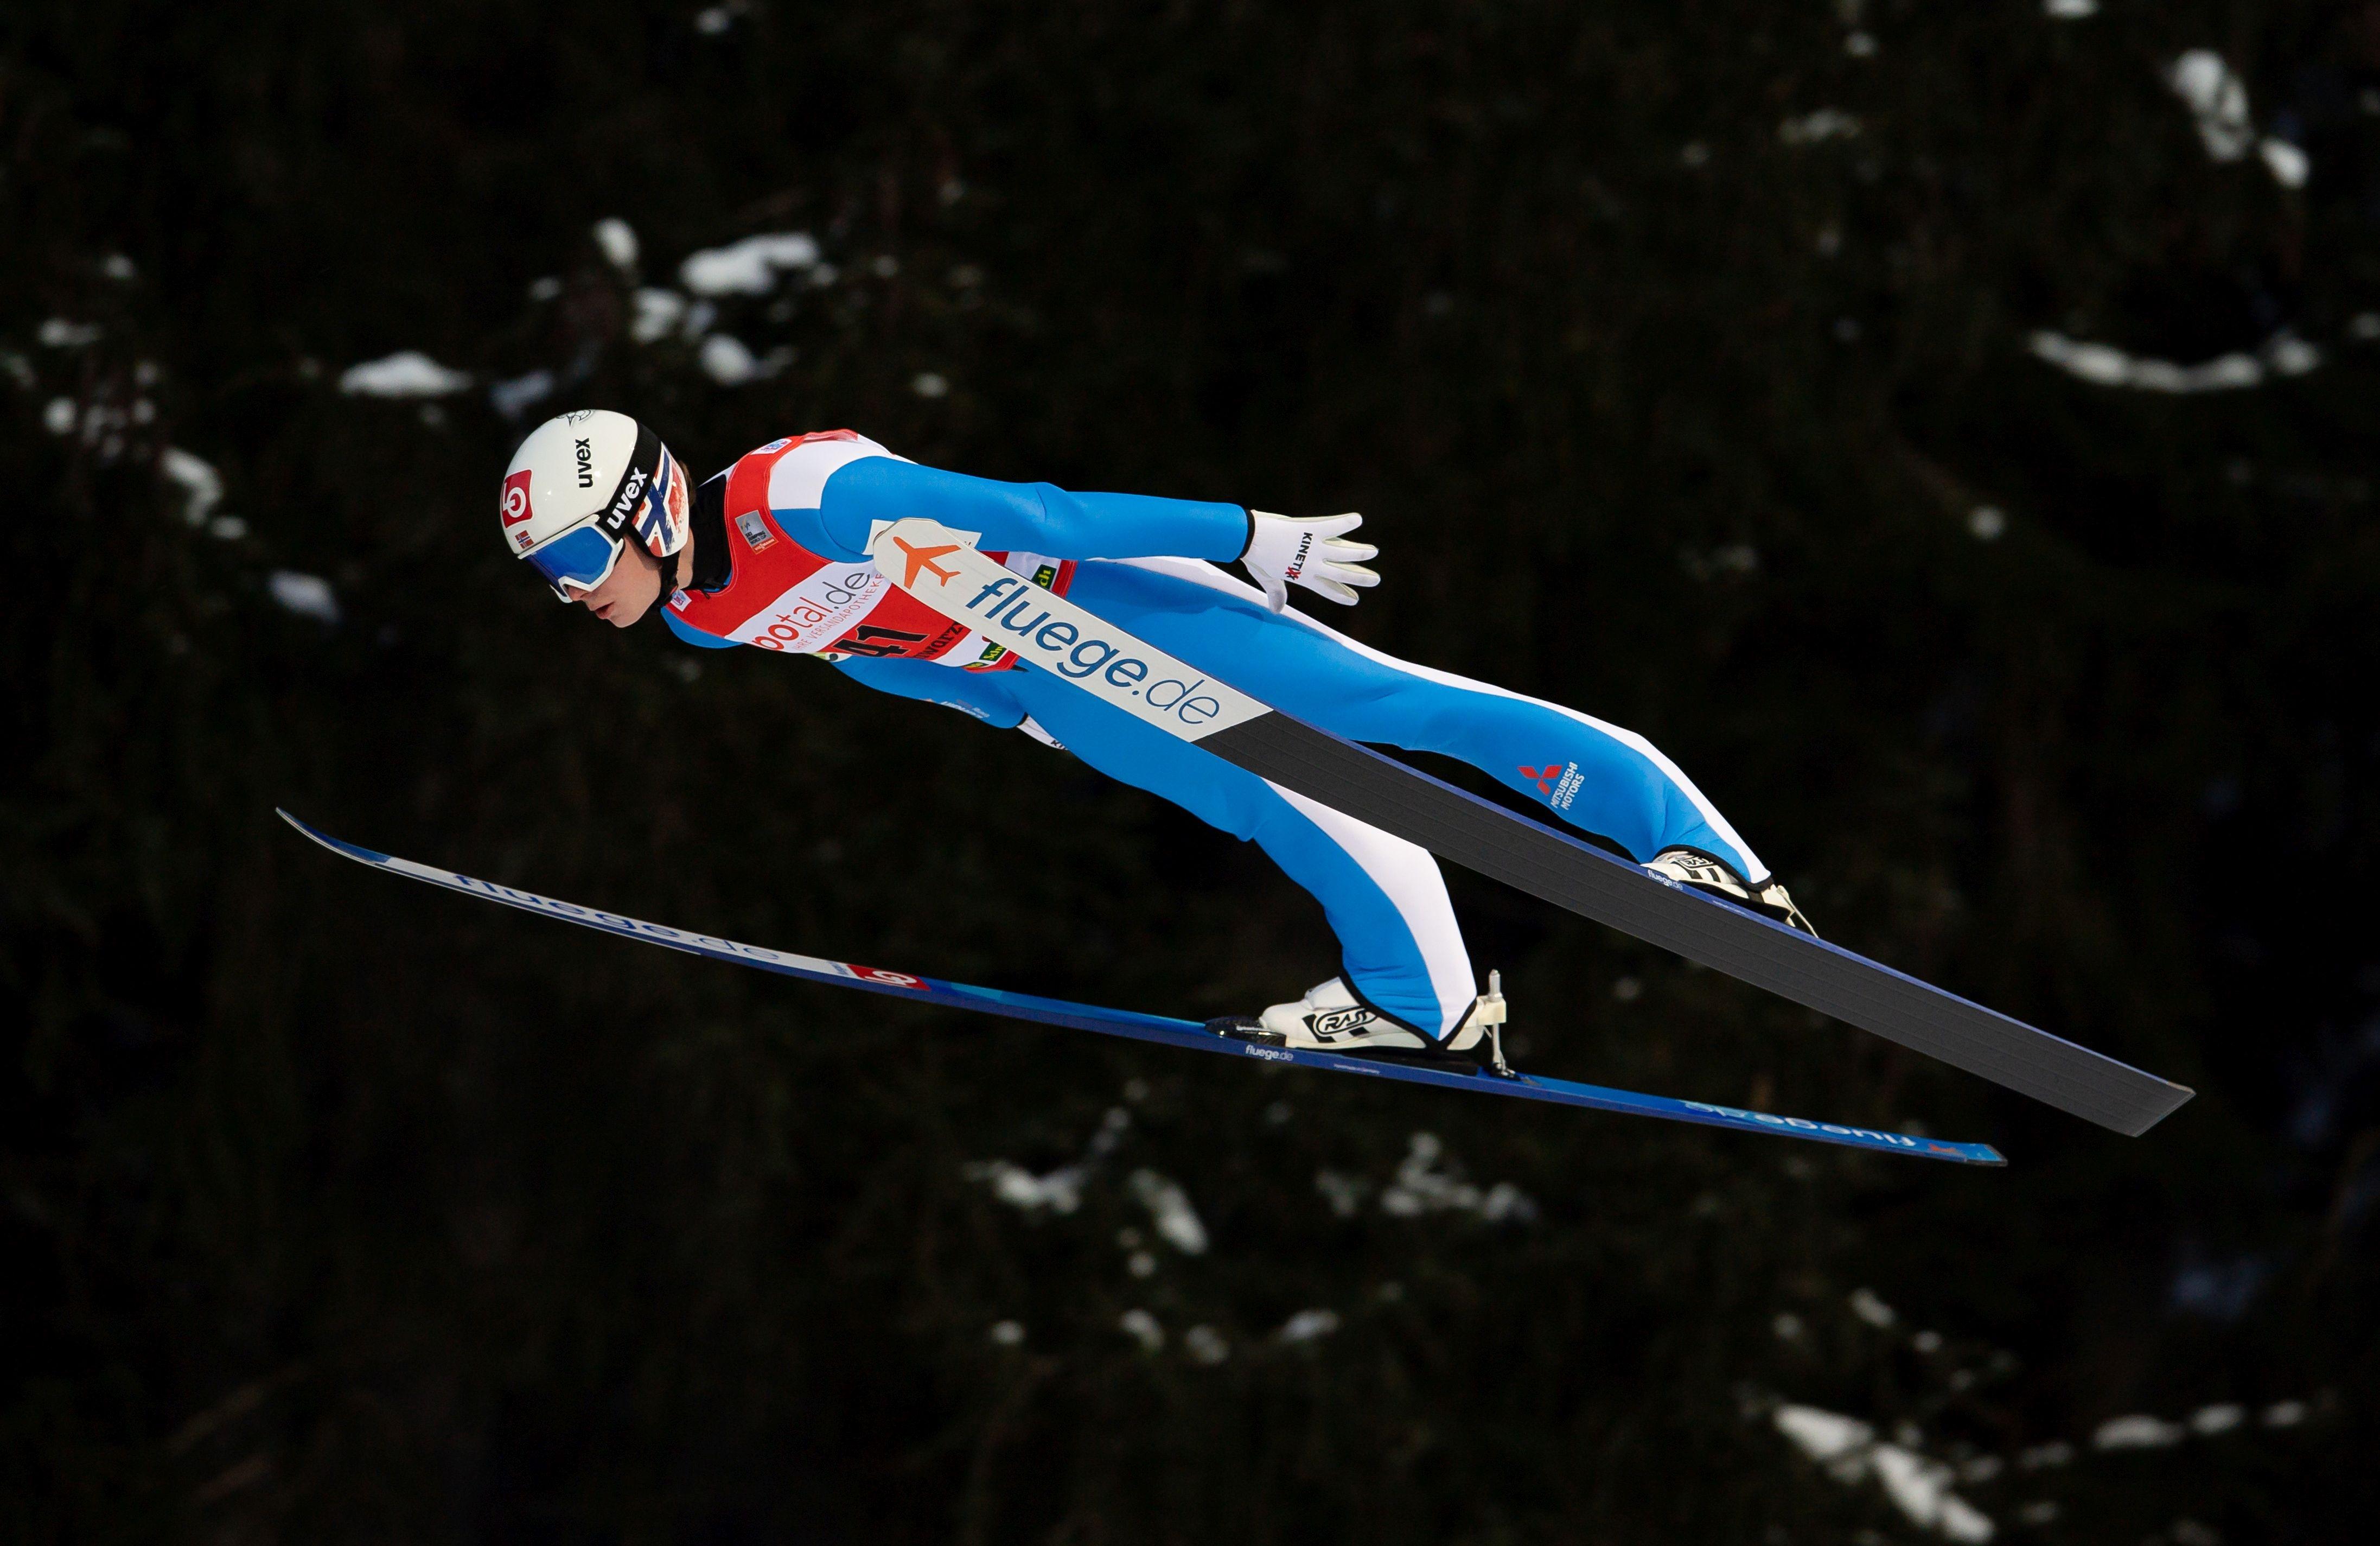 Норвежецът Мариус Линдвик спечели състезанието от Световната купа по ски